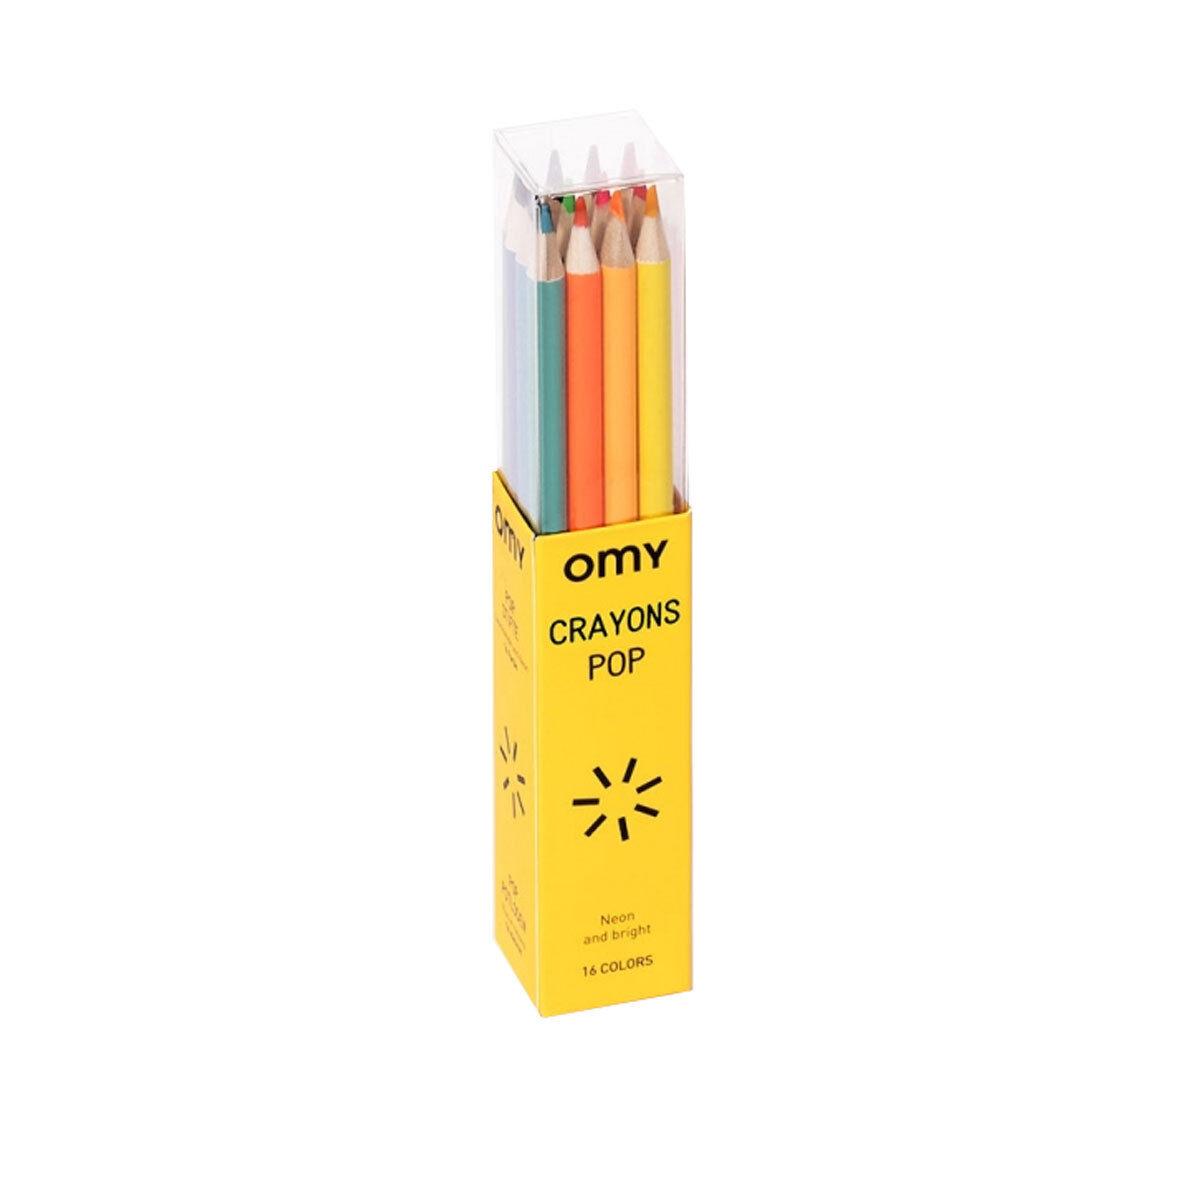 omy boite de 16 crayons de couleurs pop